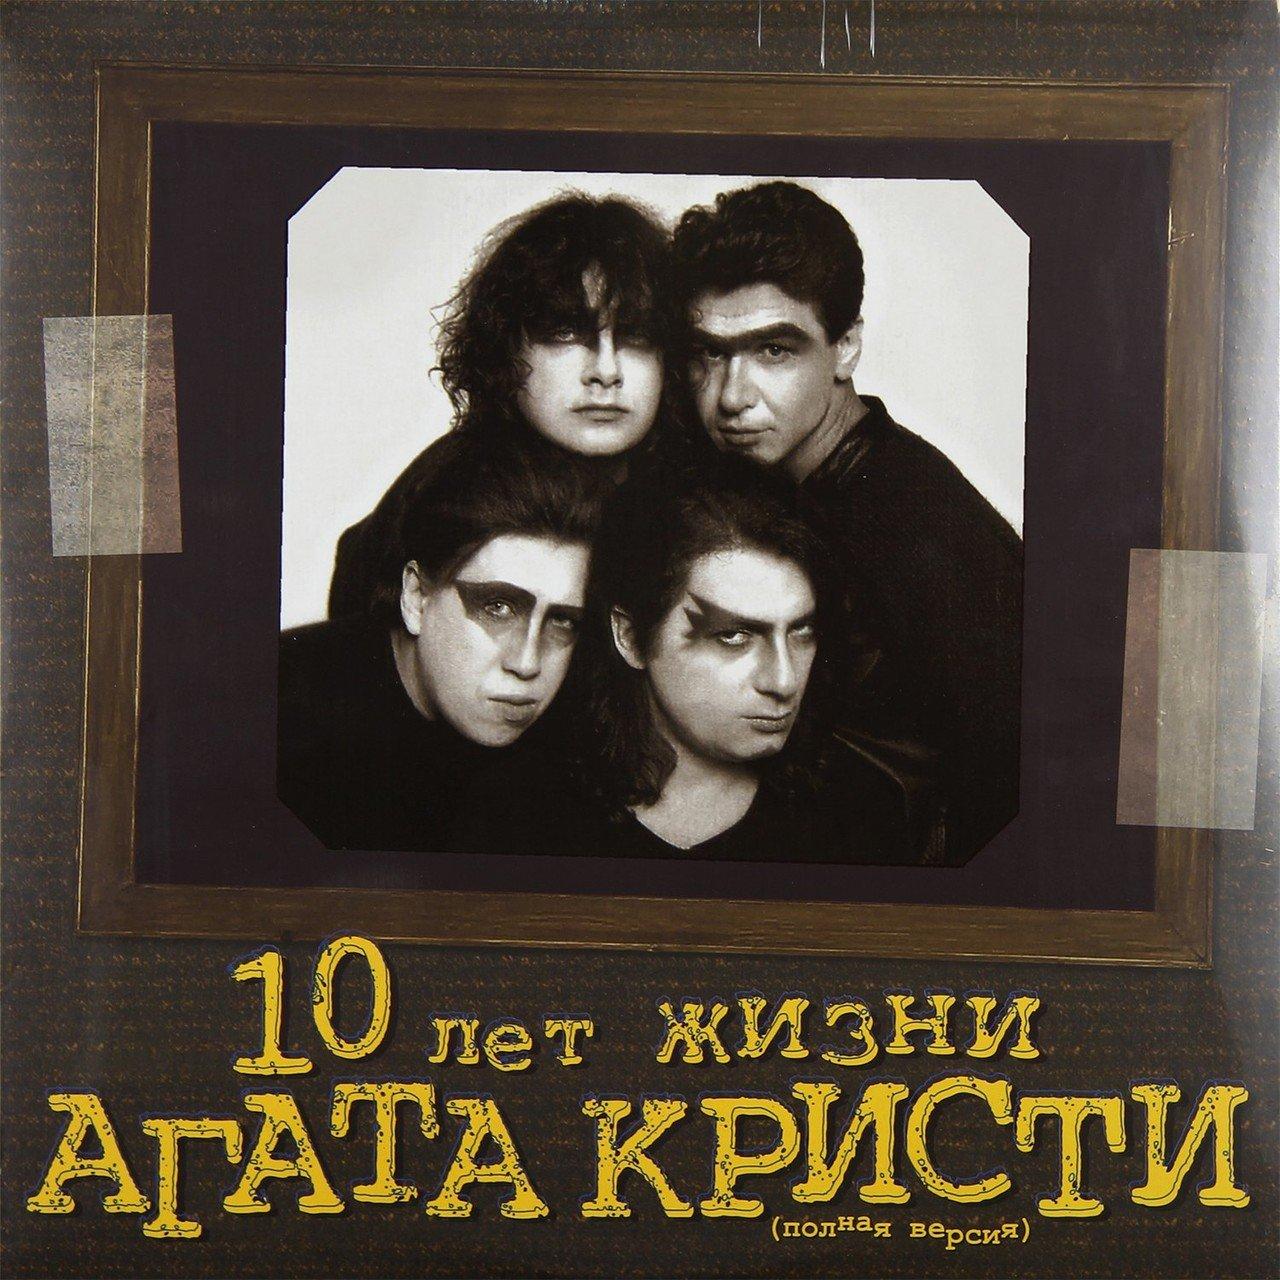 Агата Кристи – 10 Лет Жизни (Vinyl, 2LP)